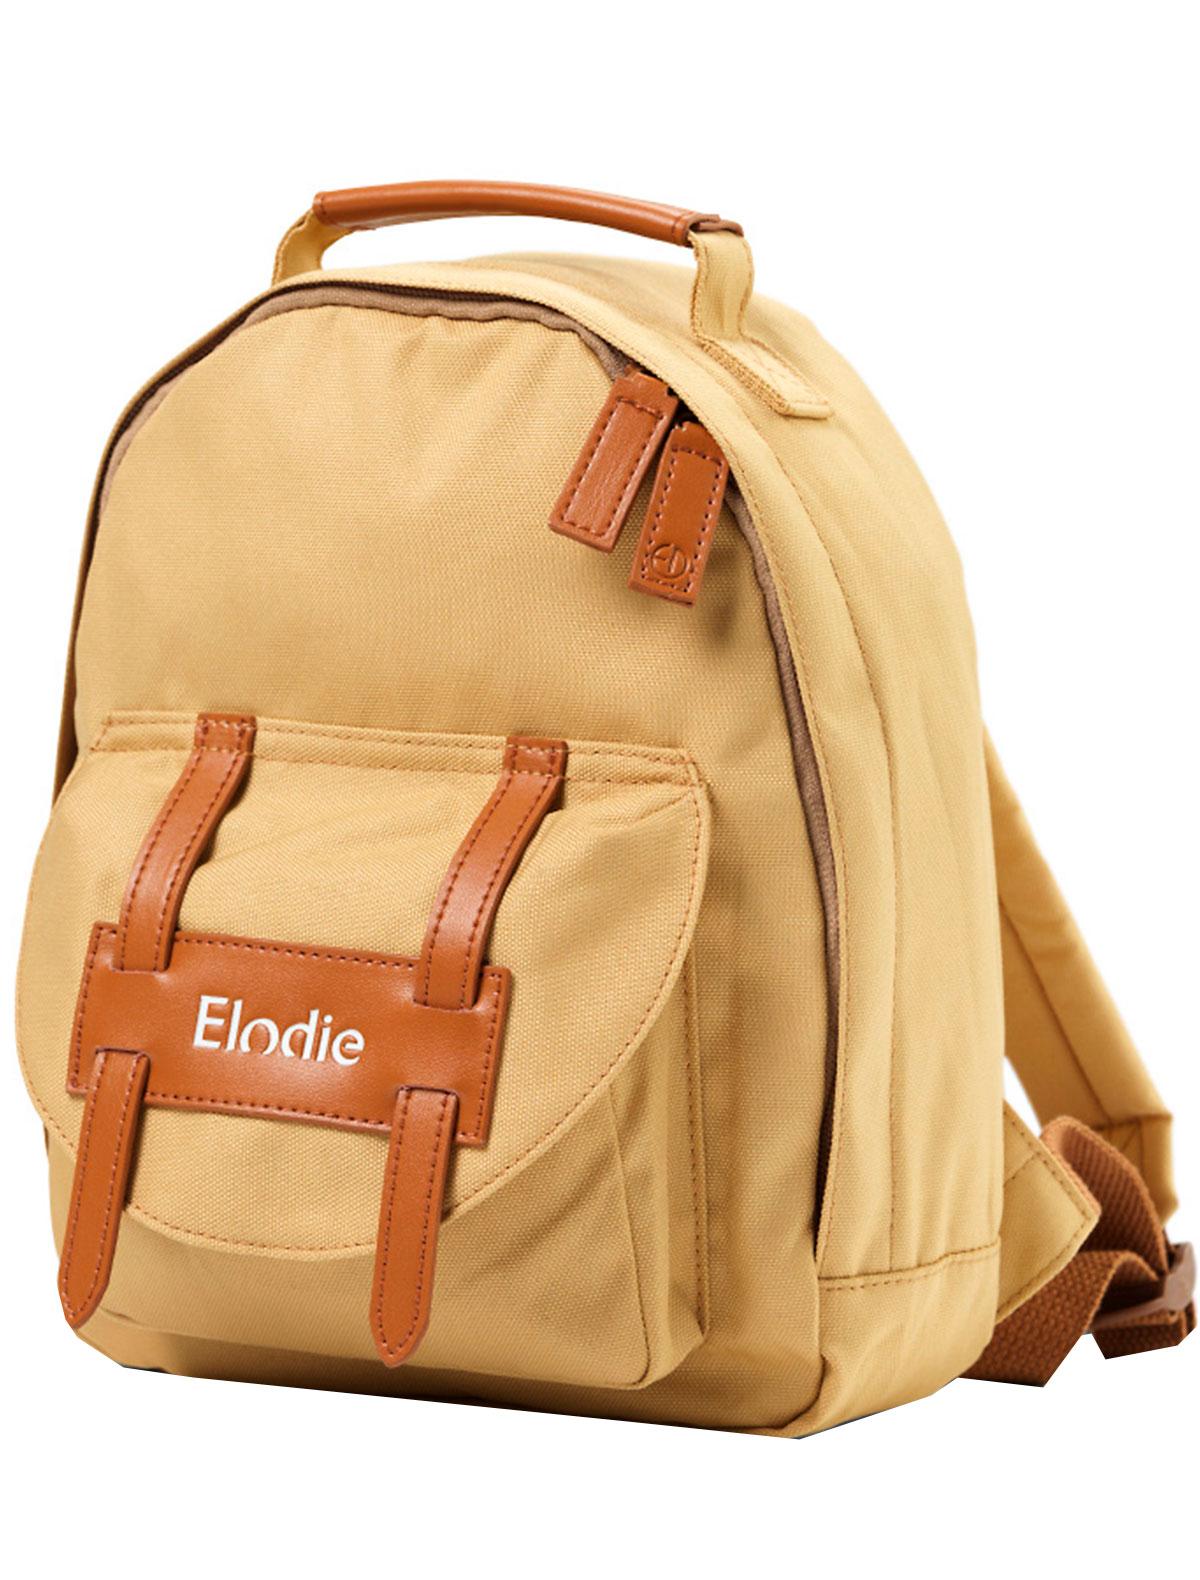 Купить 2216151, Рюкзак Elodie, желтый, 1504528070198